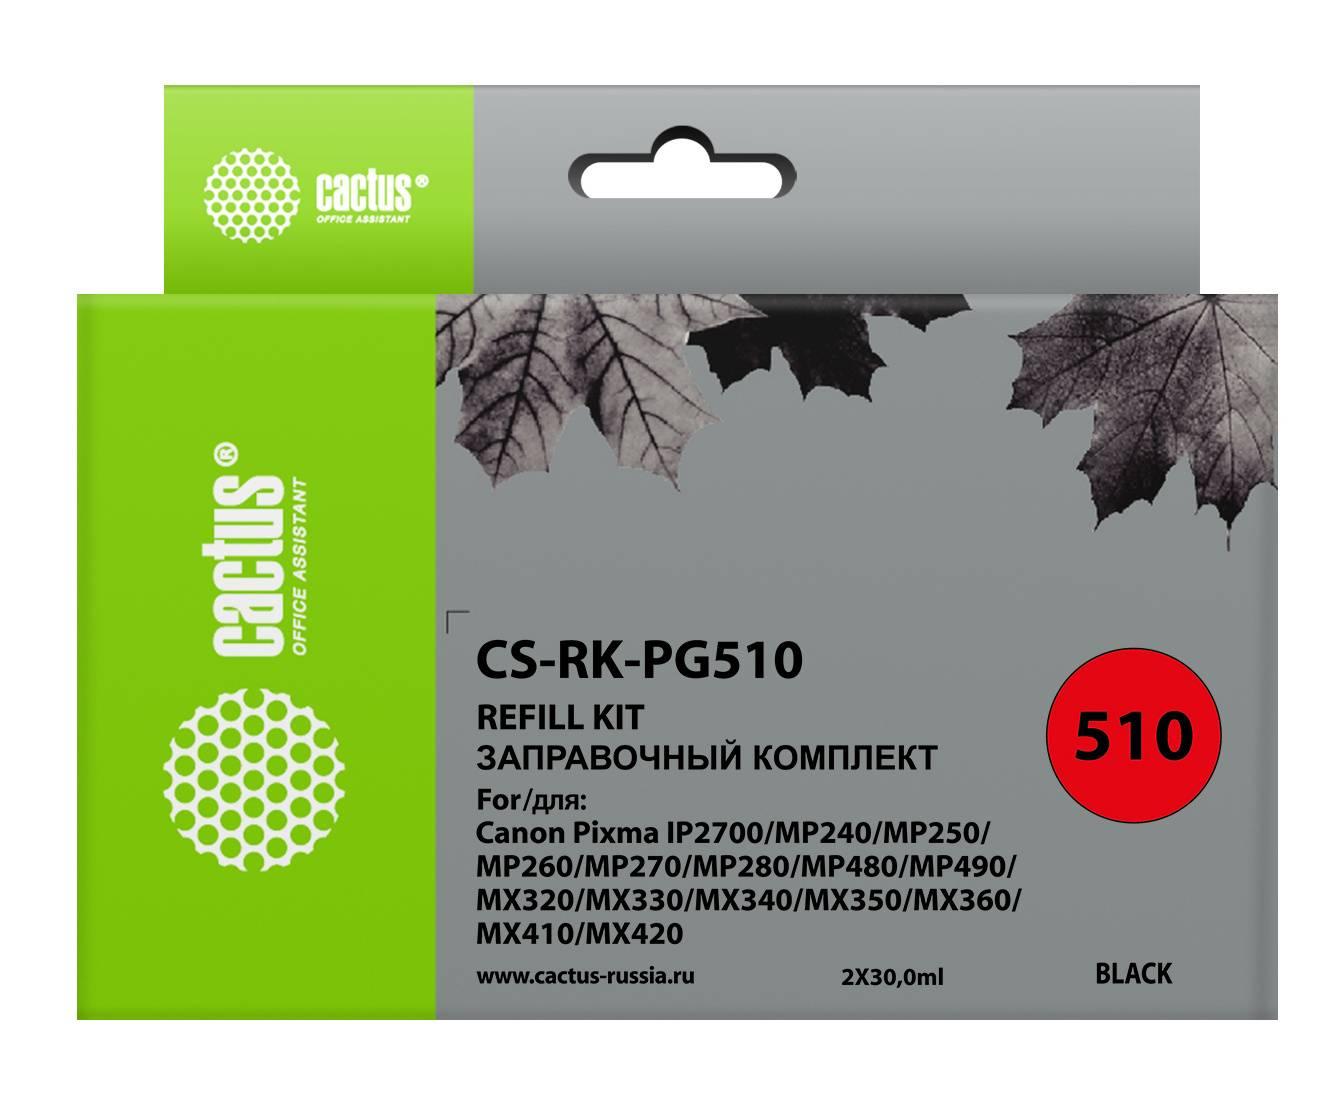 Заправочный набор Cactus CS-RK-PG510 черный 2xфл. 30мл для Canon MP240/ MP250/MP260 - фото 1